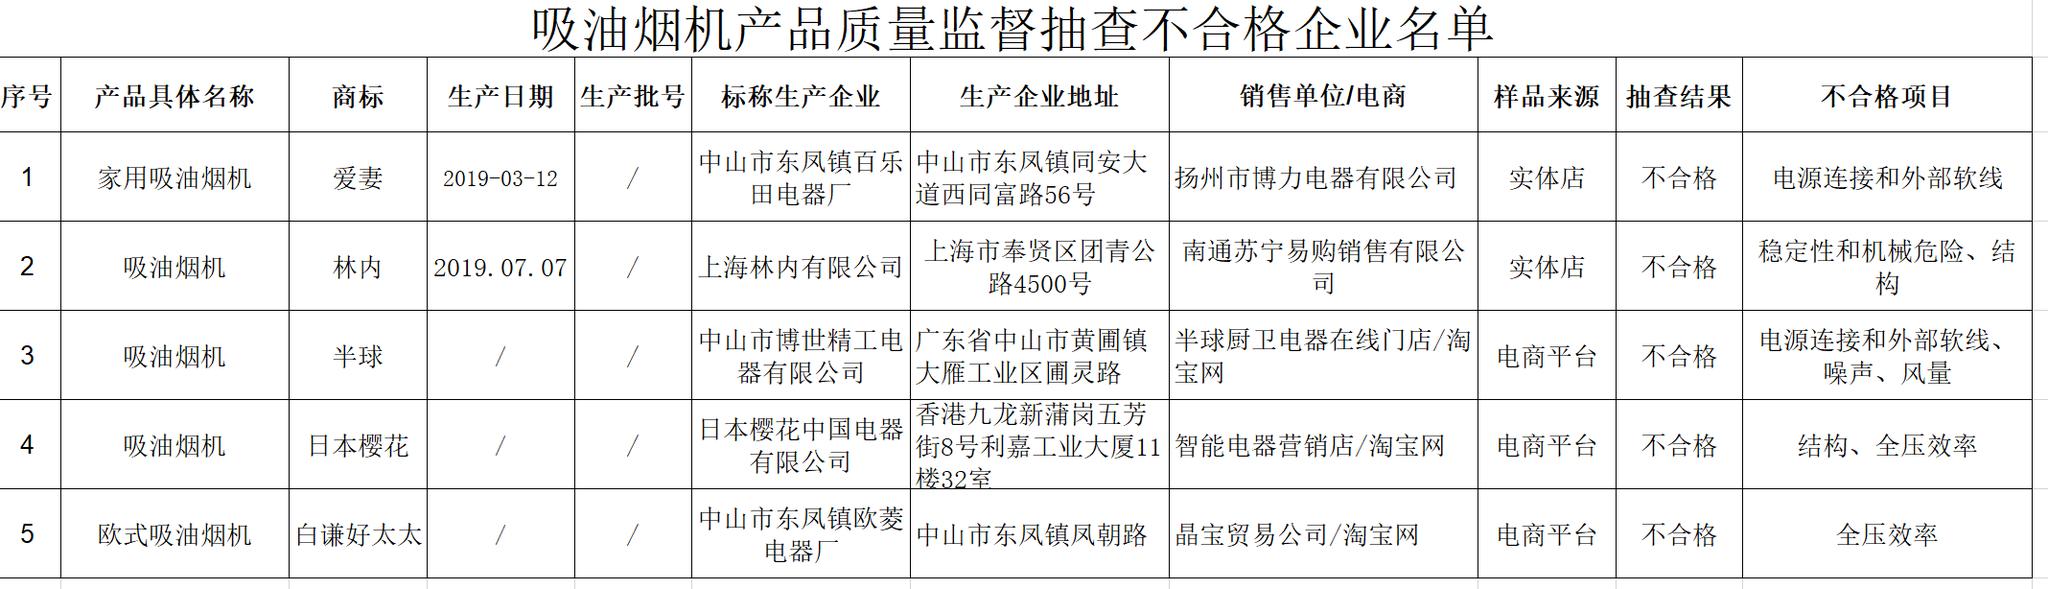 全民娱乐彩票网址 - 飞机总师称歼-16性能与苏-35差距还很大?怪不得要买苏-35